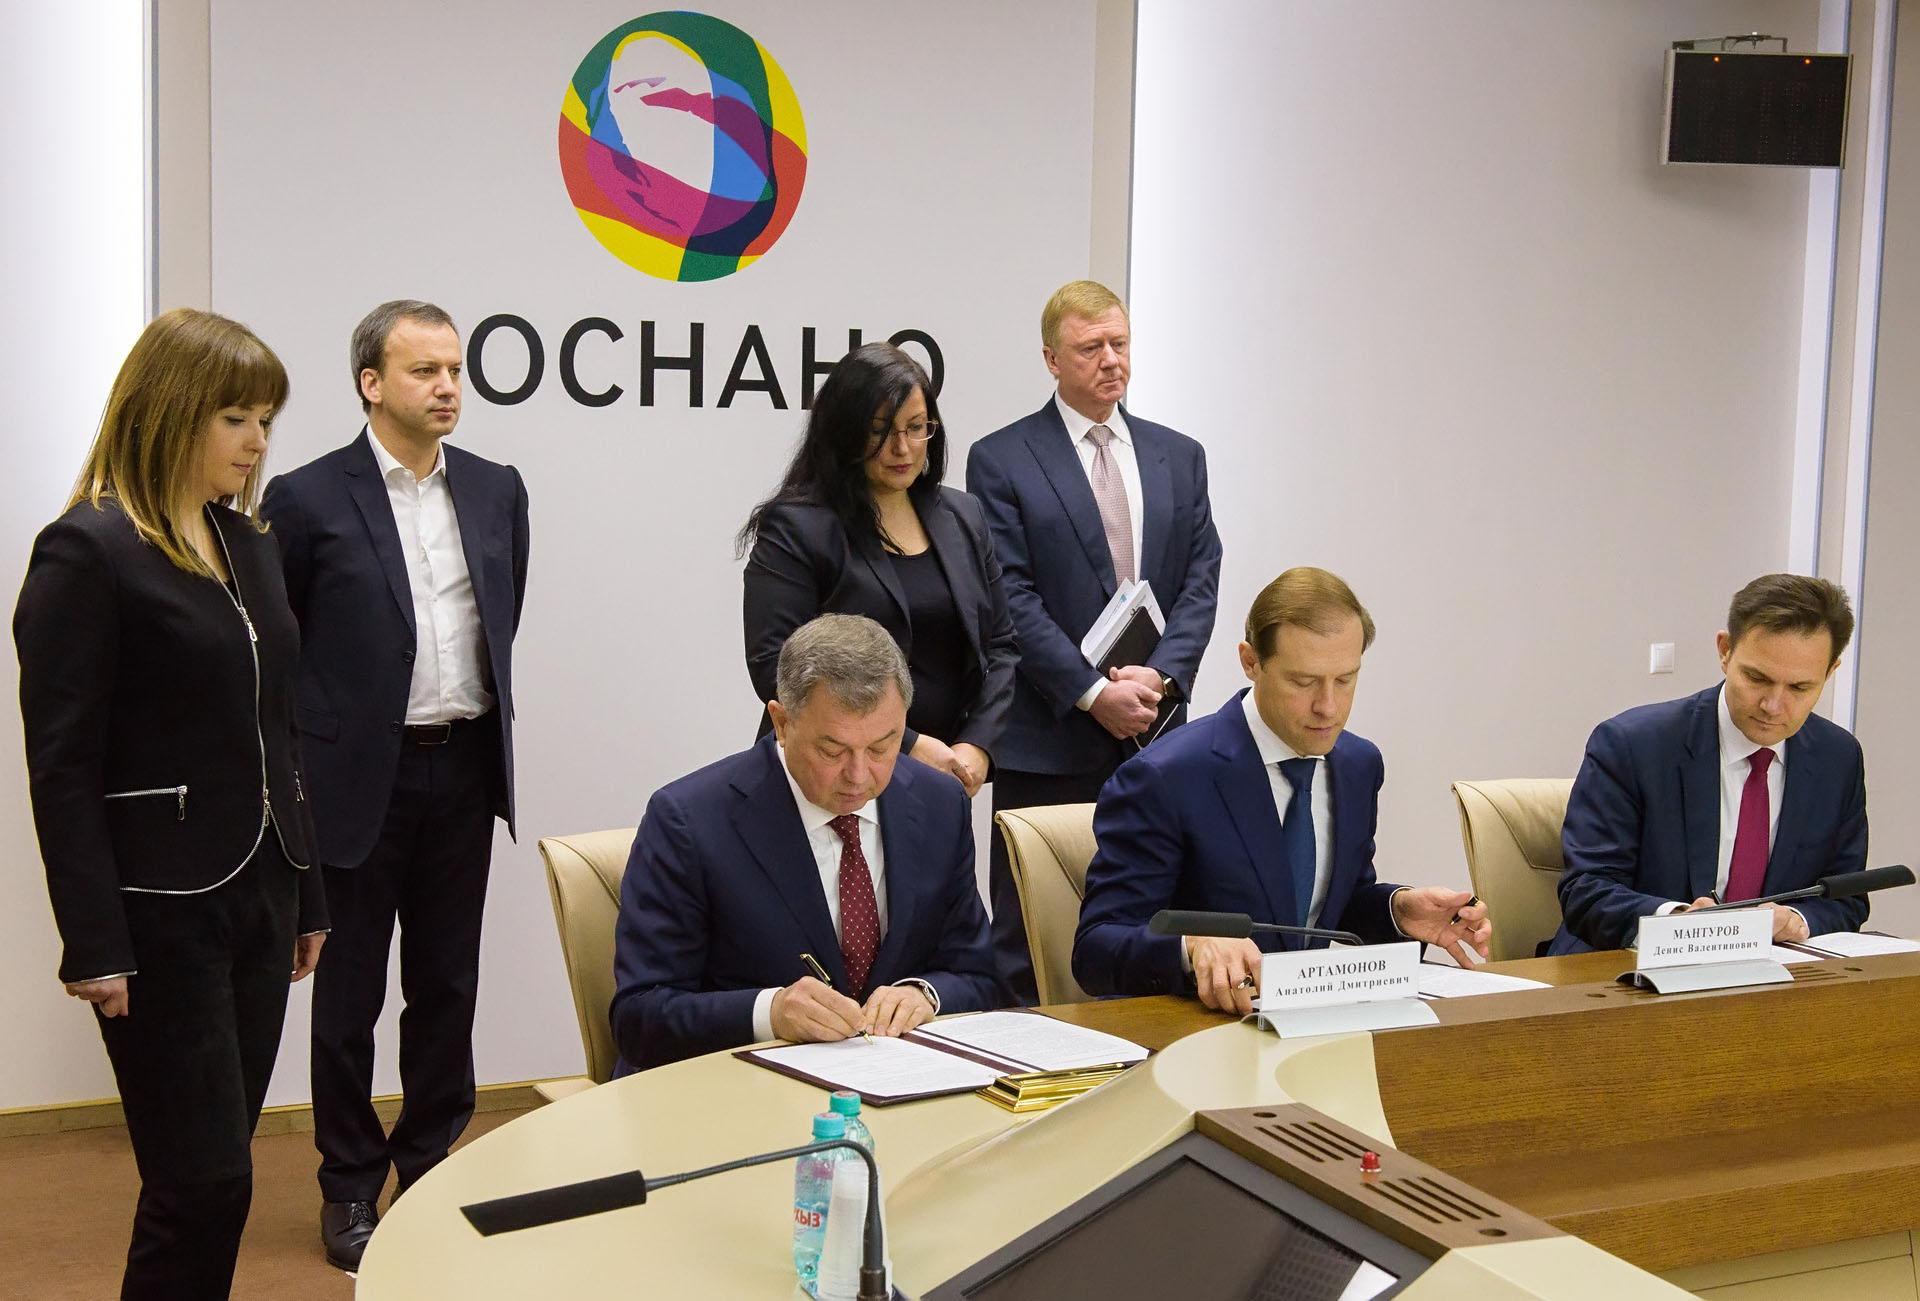 Минпромторг РФ, Калужская область и компания «НоваМедика» заключили крупнейший в российской фармотрасли специнвестконтракт по выпуску инновационных лекарств